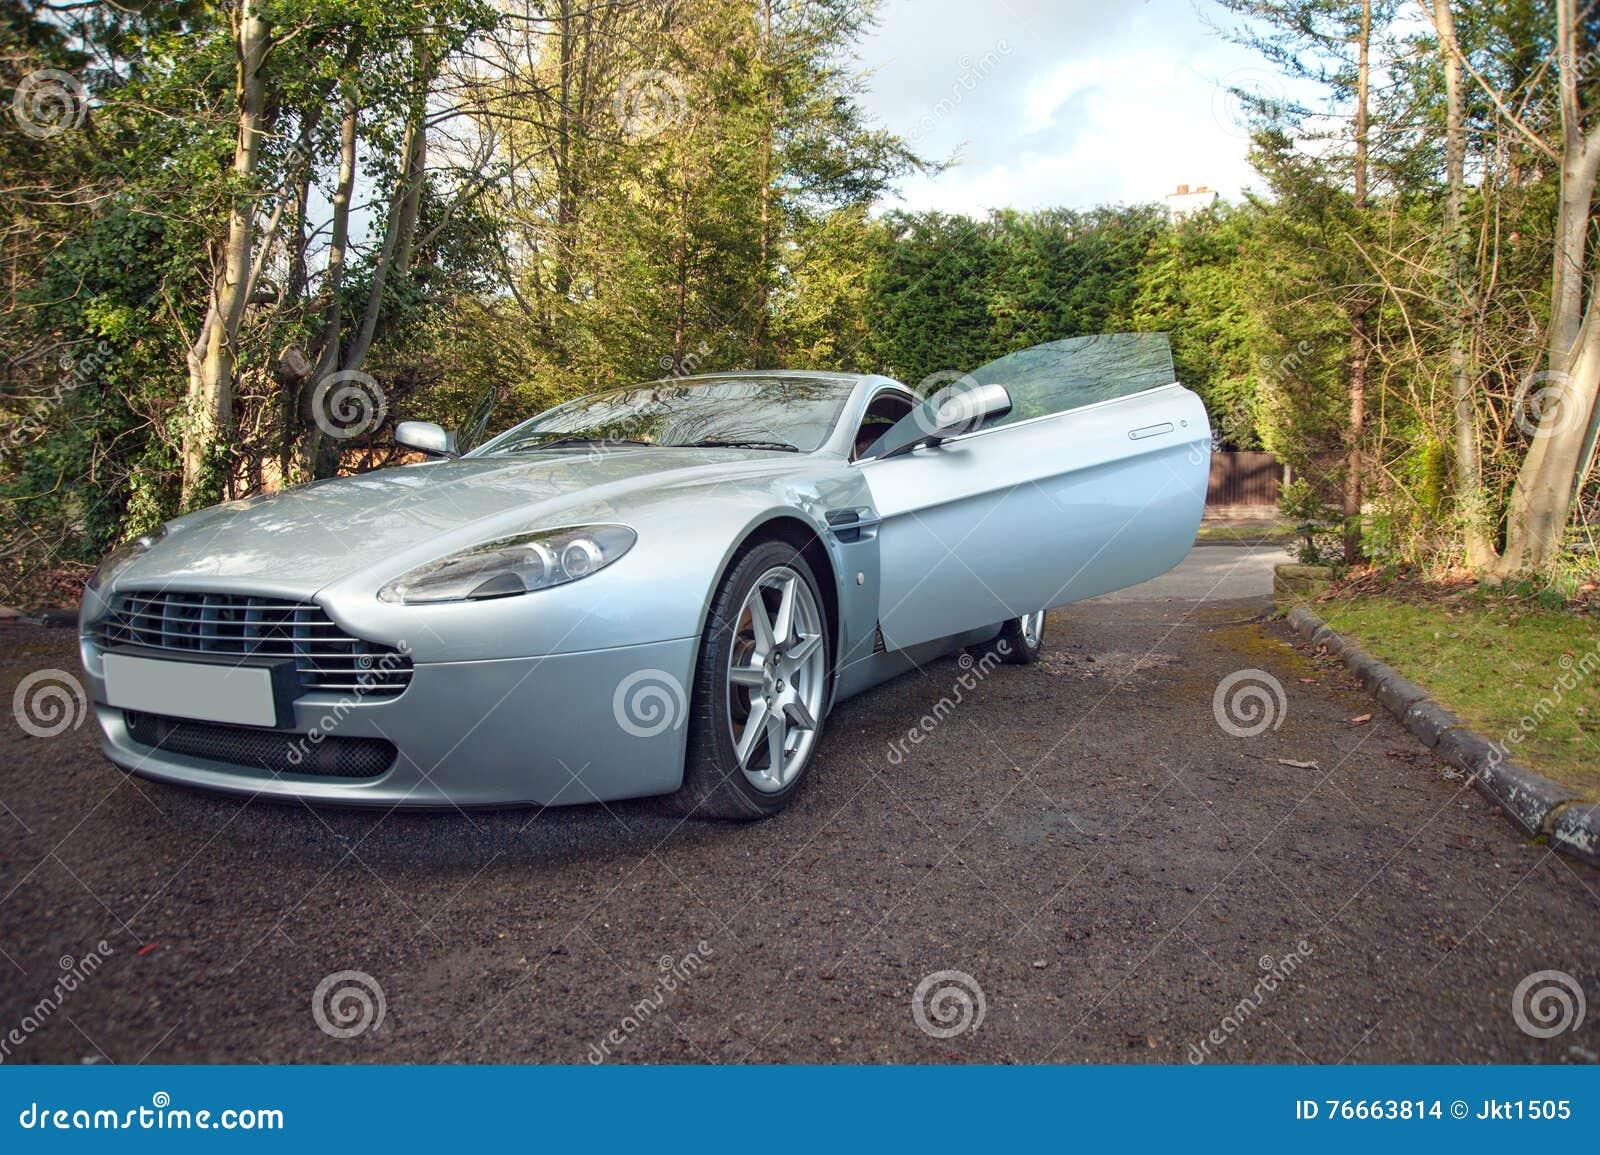 Ein Aston Martin Vantage English Grand Tourer Mit Der Tür Offen Stockfoto Bild Von Accelerate Maschine 76663814